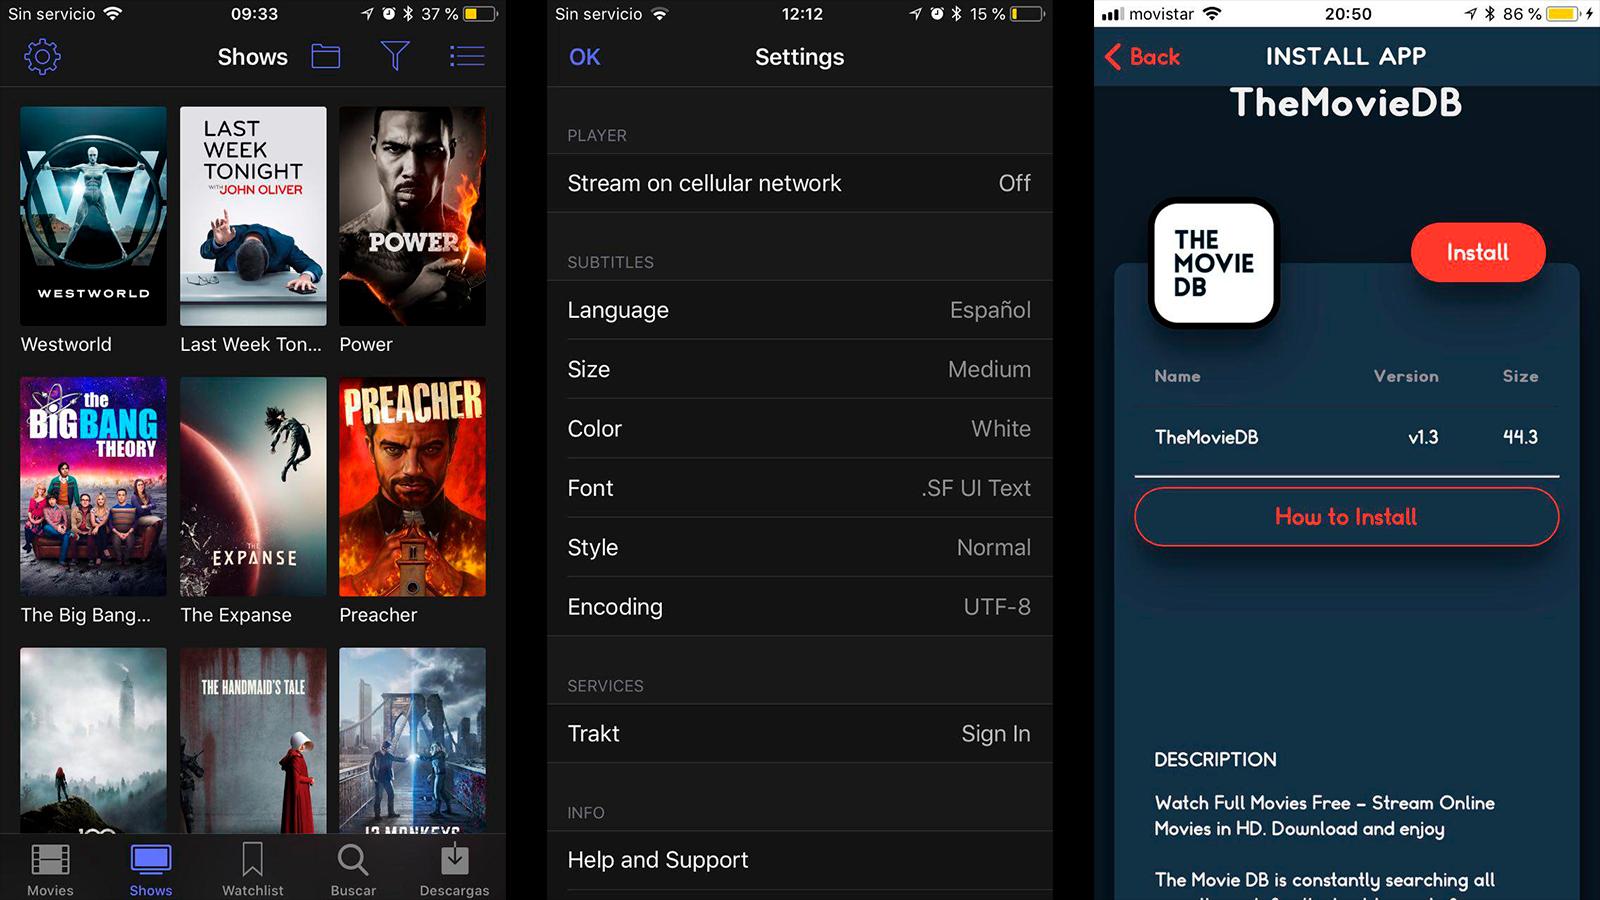 ver películas gratis en iPhone o iPad